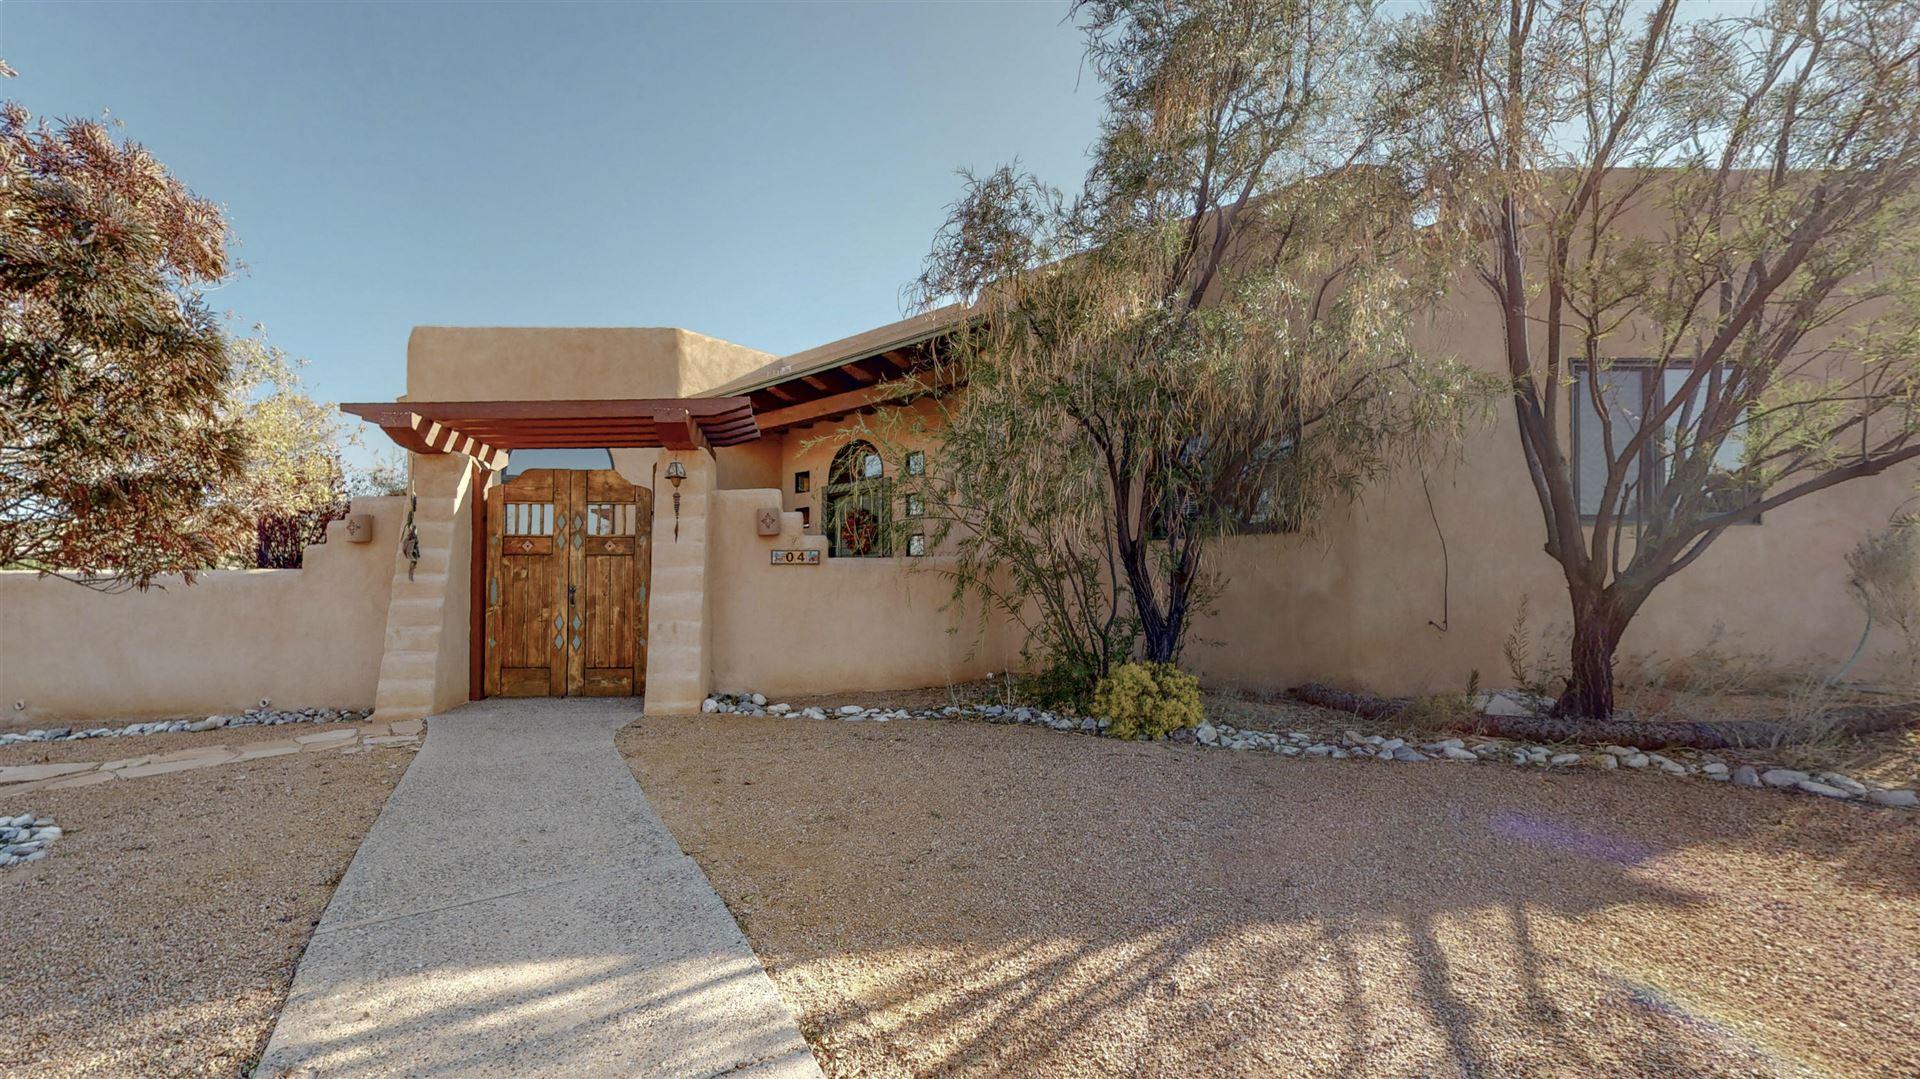 Photo of 4 Calle Cienega Court, Placitas, NM 87043 (MLS # 978009)